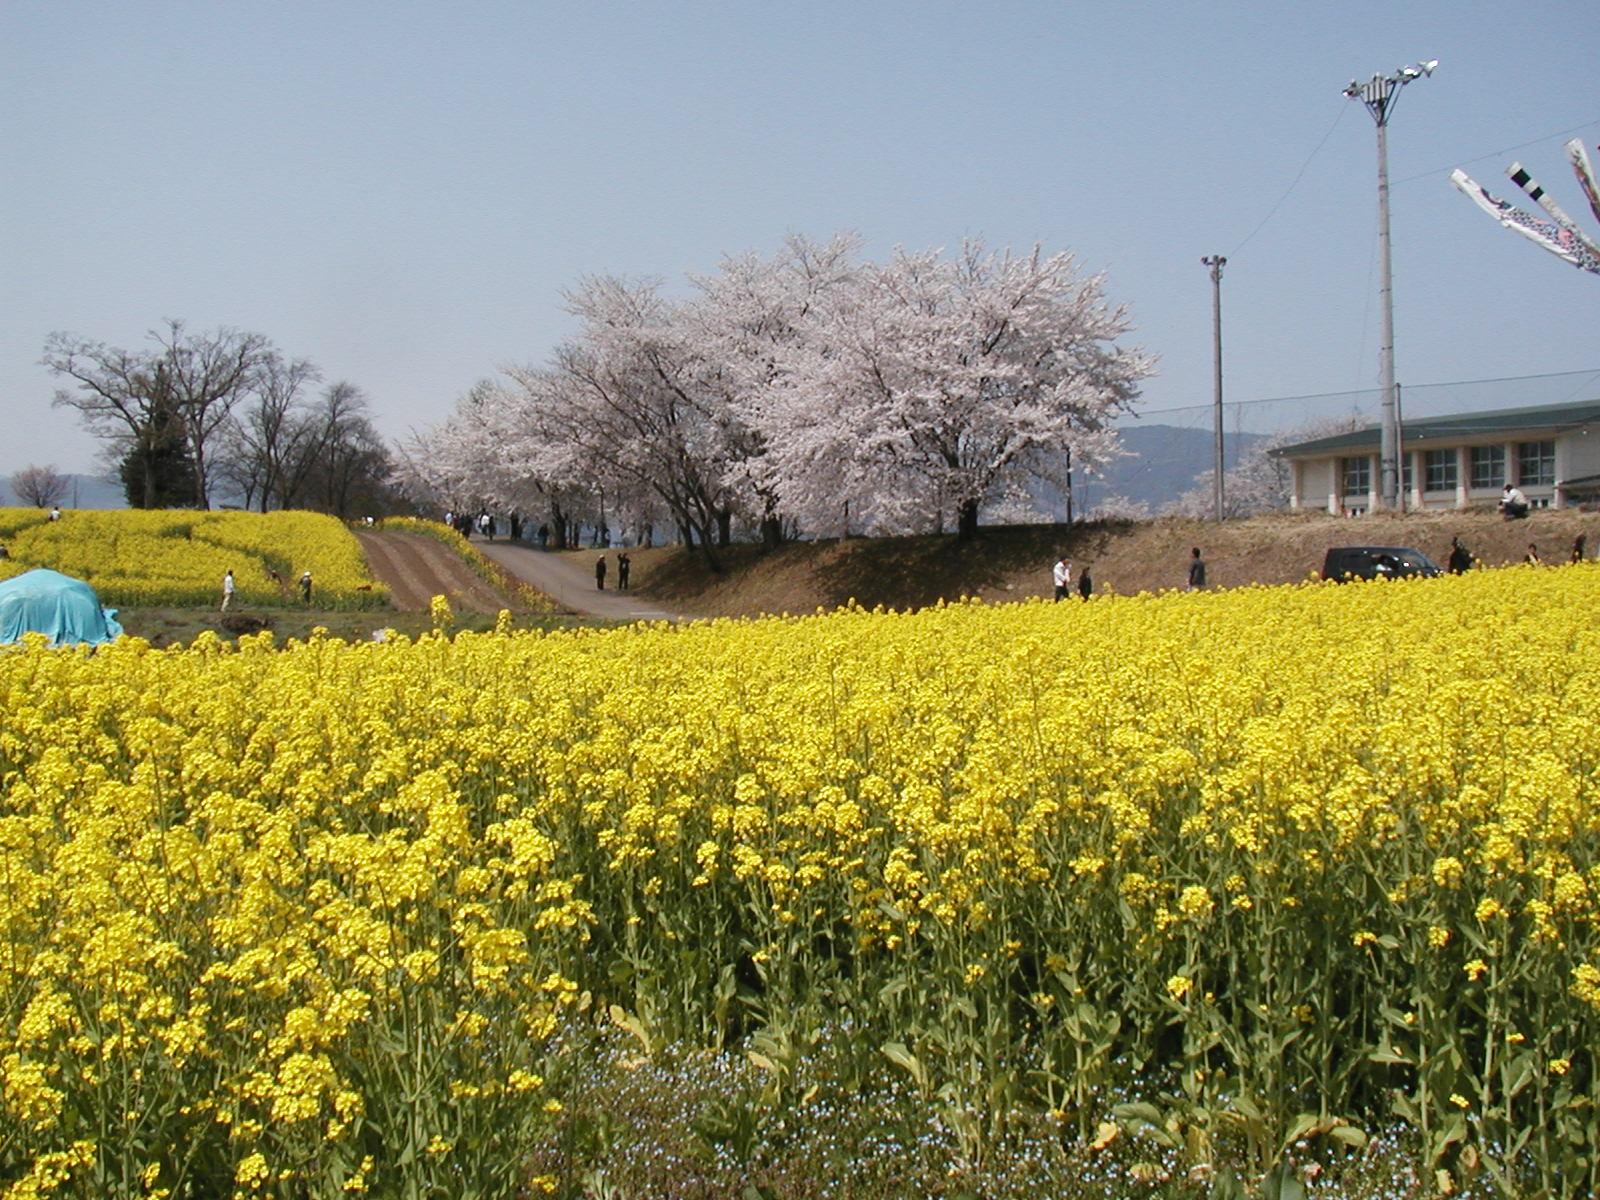 菜の花と桜 散り始めの桜とコラボレーション 菜の花畑と千曲川  飯山市 菜の花公園